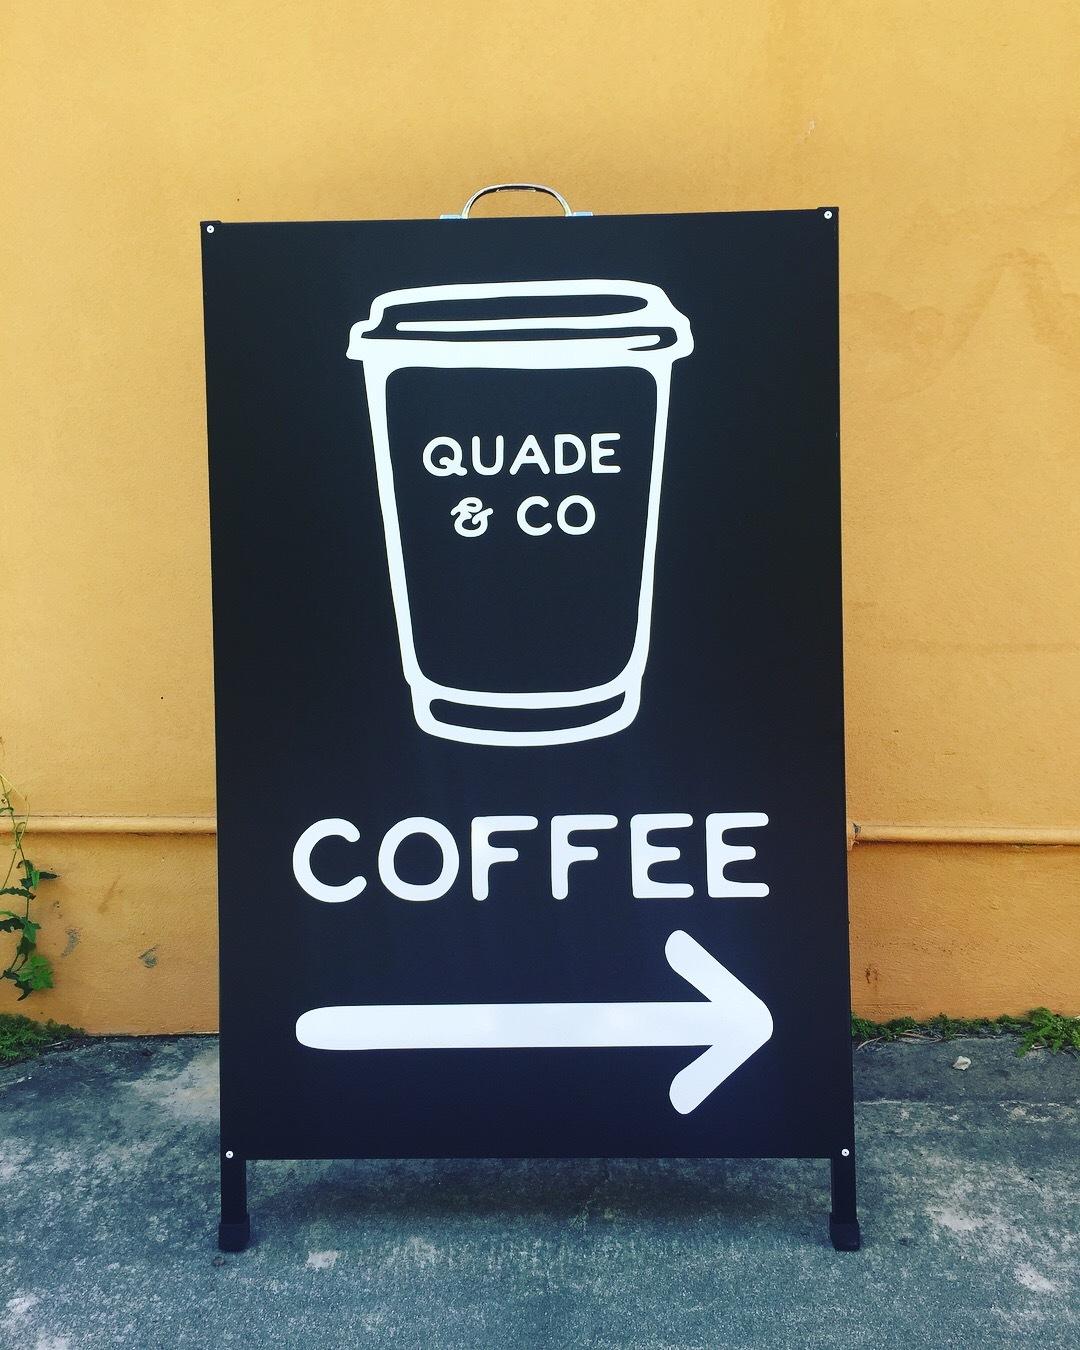 Quade & Co - Sandwich board